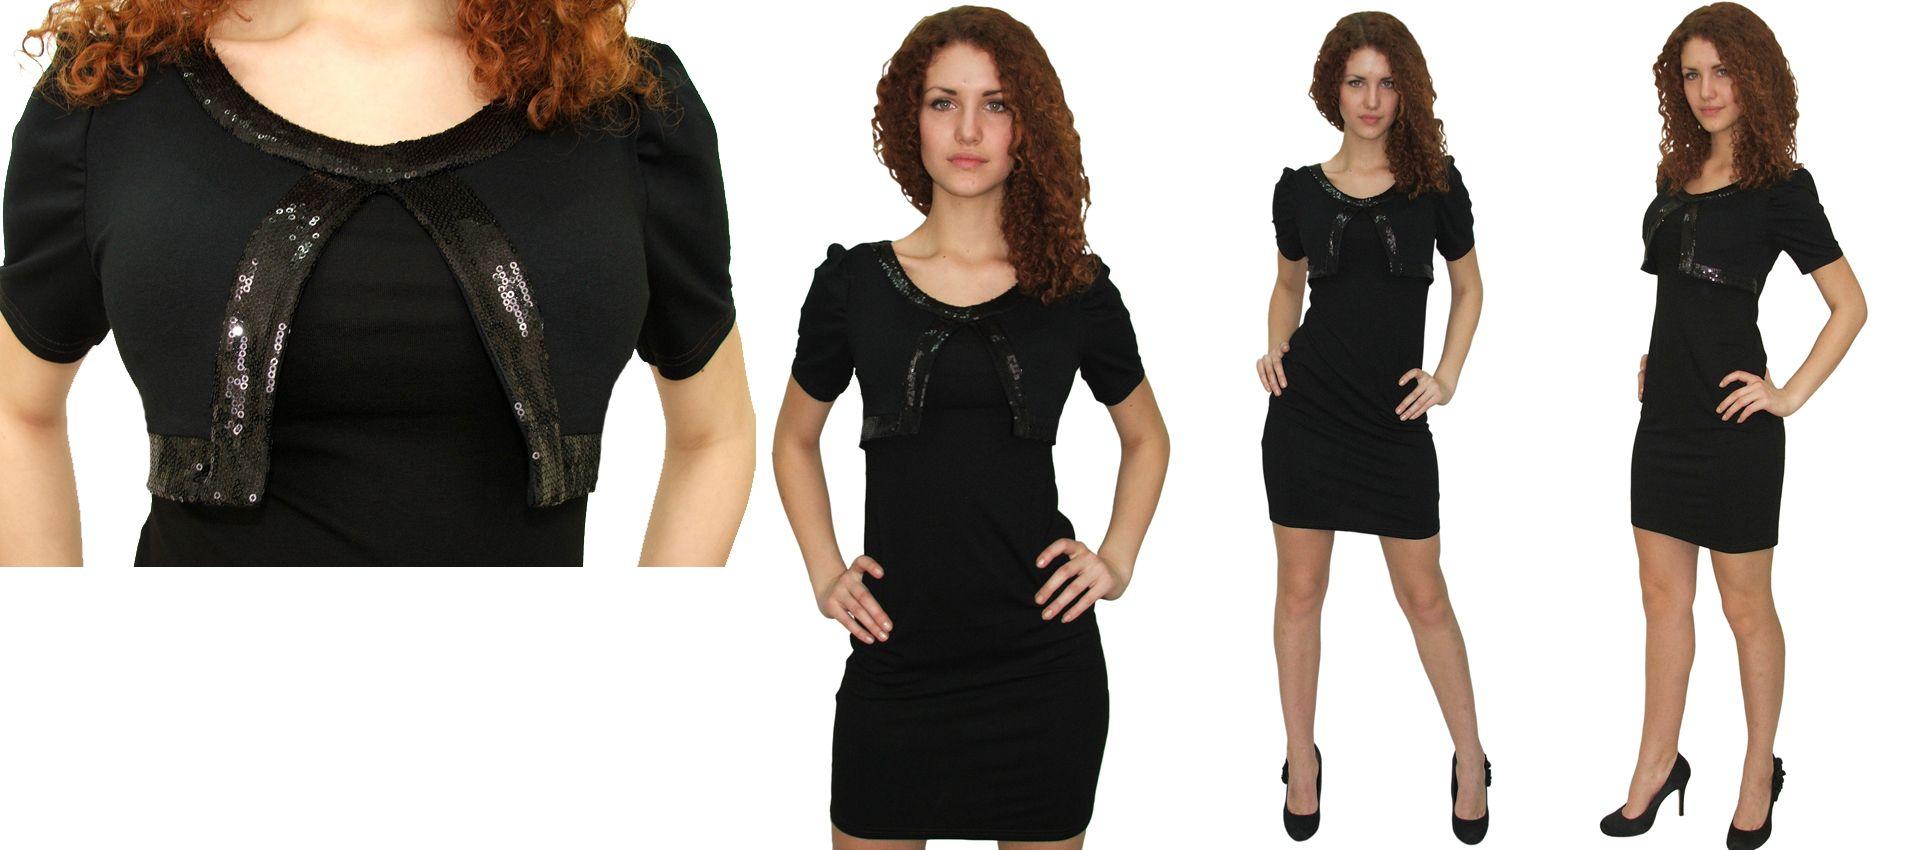 Купить Женская Одежда Онлайн